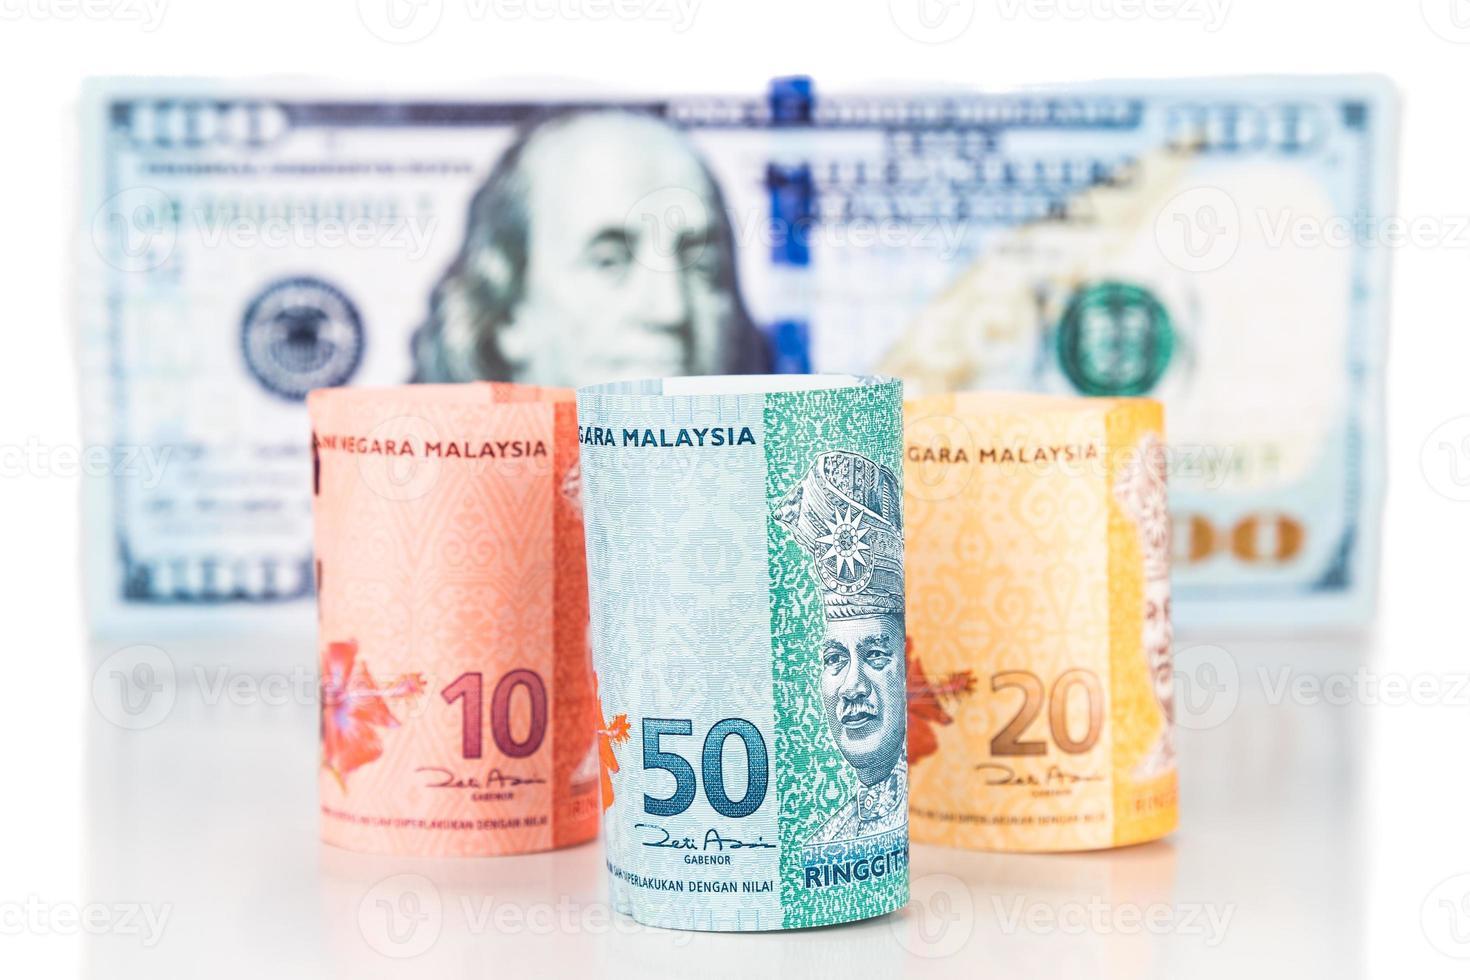 Cerca de Malasia ringgit moneda nota contra dólar estadounidense foto